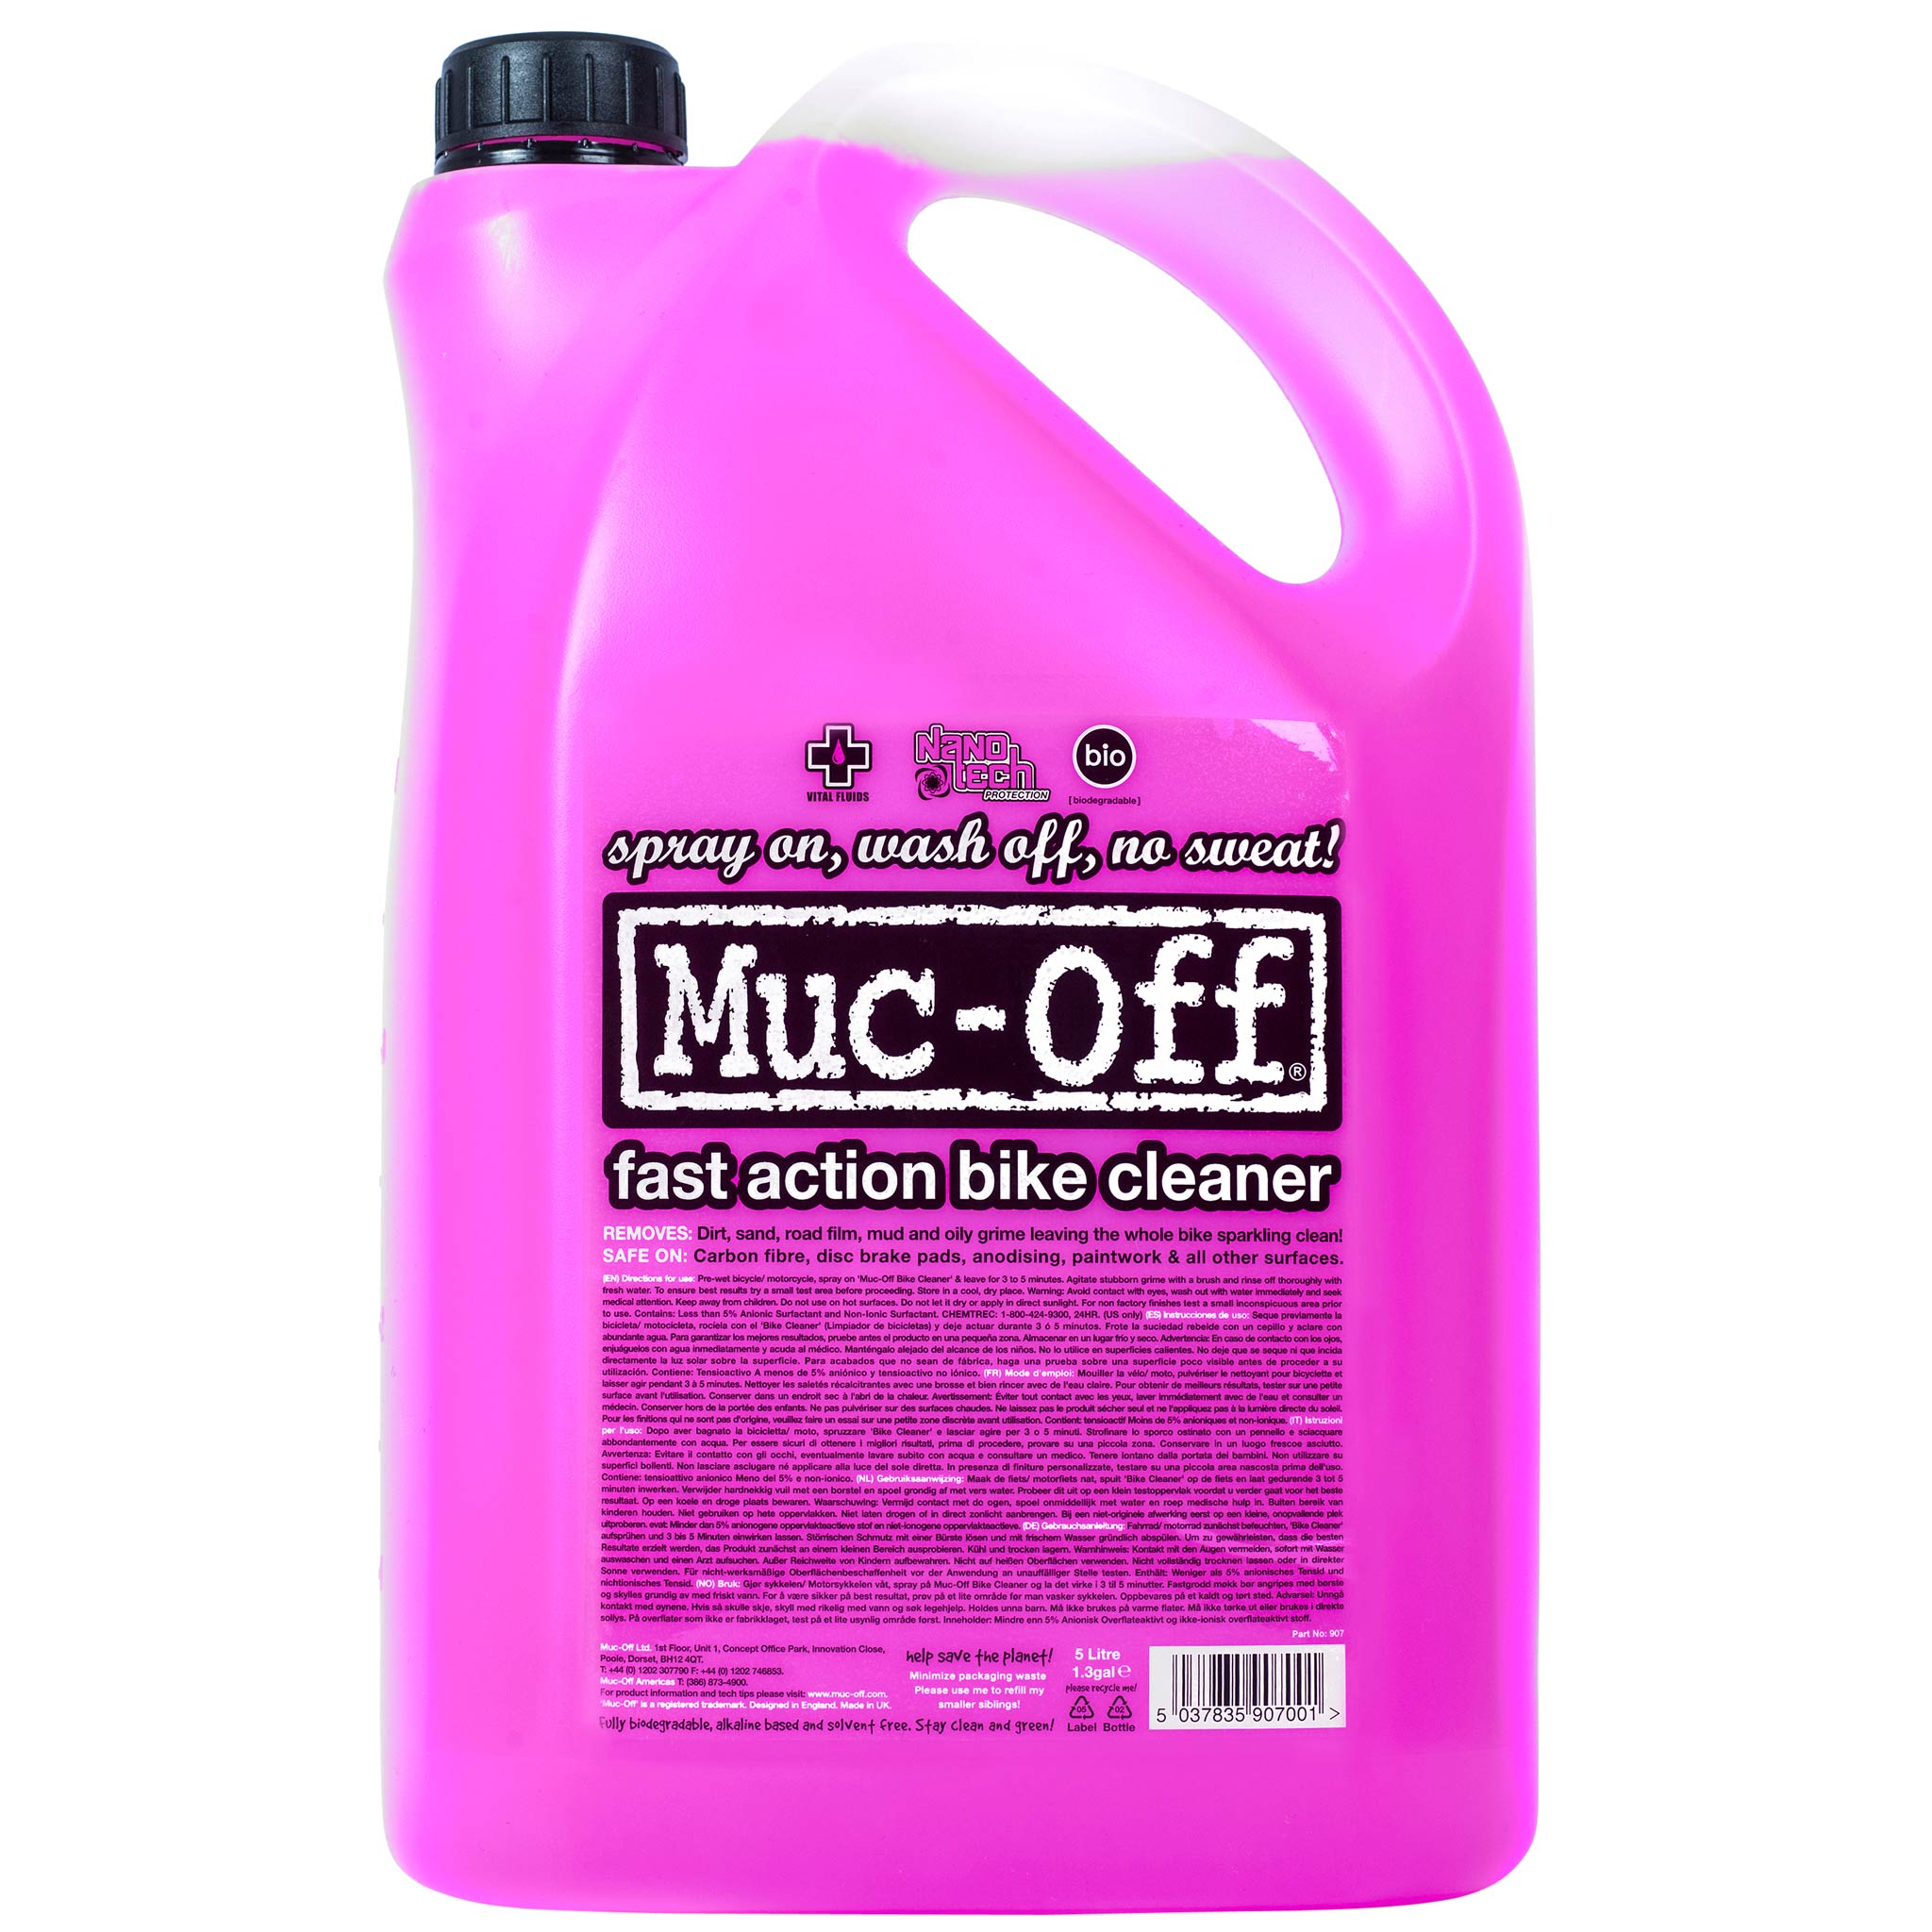 Detergente para bicicleta MUC-OFF BIKE CLEANER (5 L)